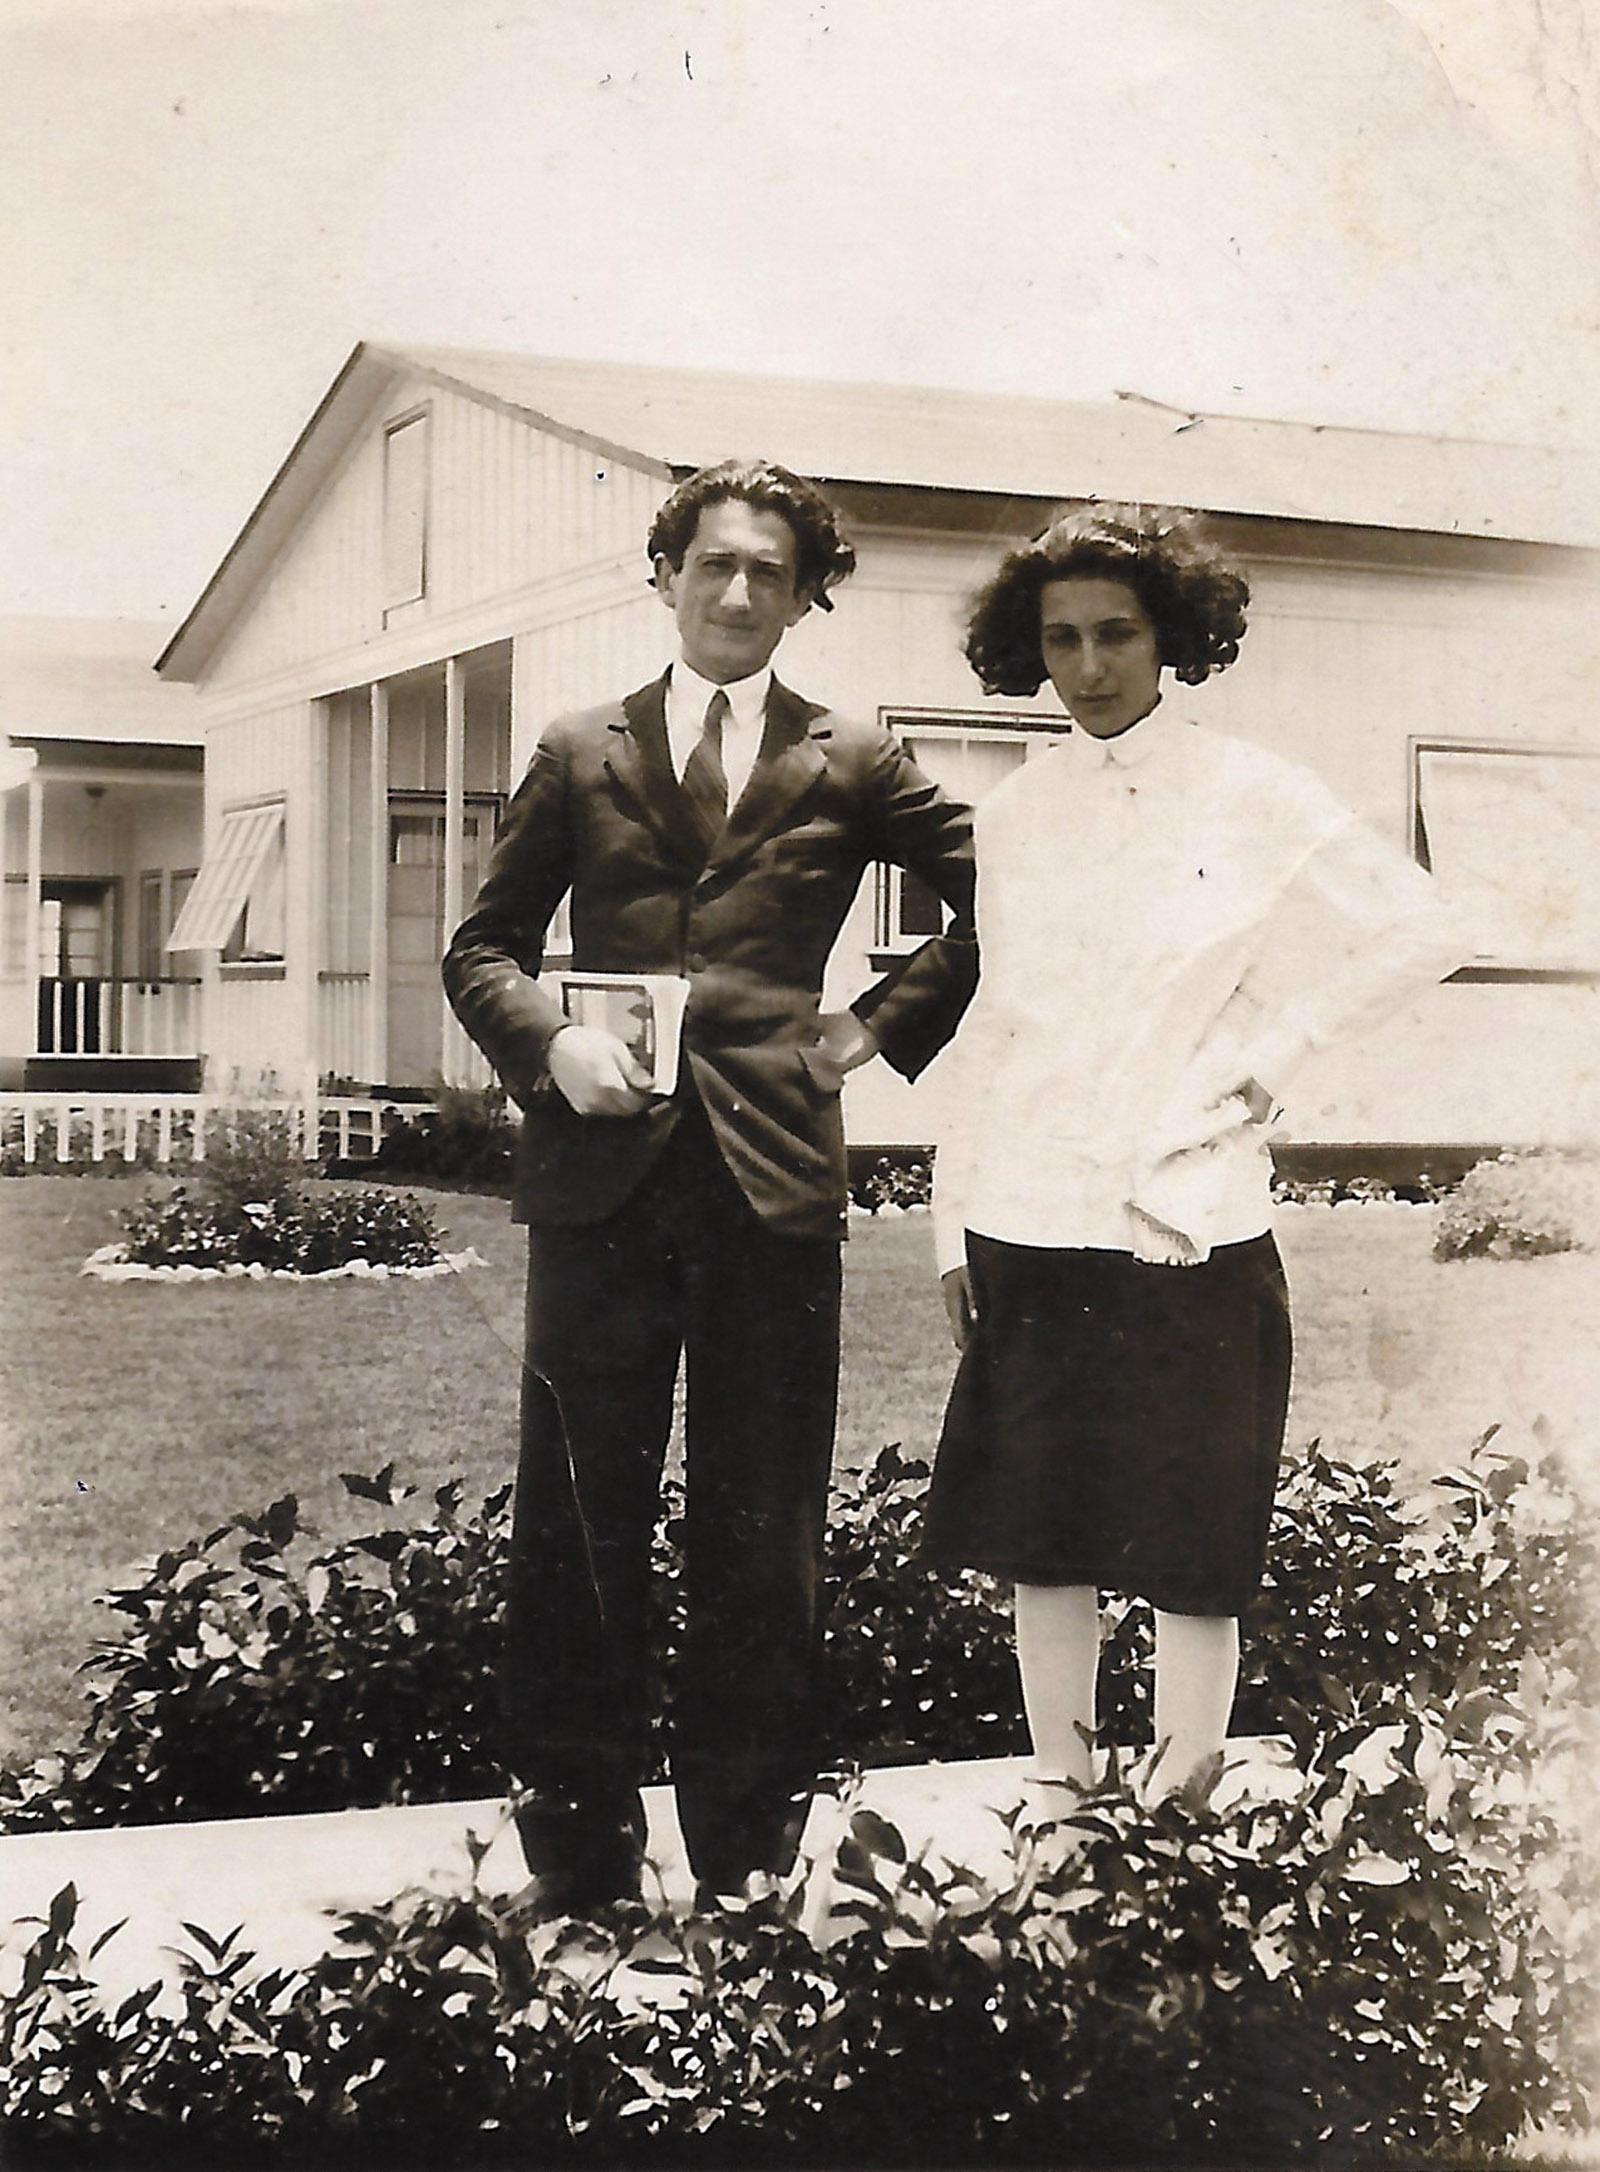 Claudio Lomnitz's grandparents Misha Adler and Noemí Milstein